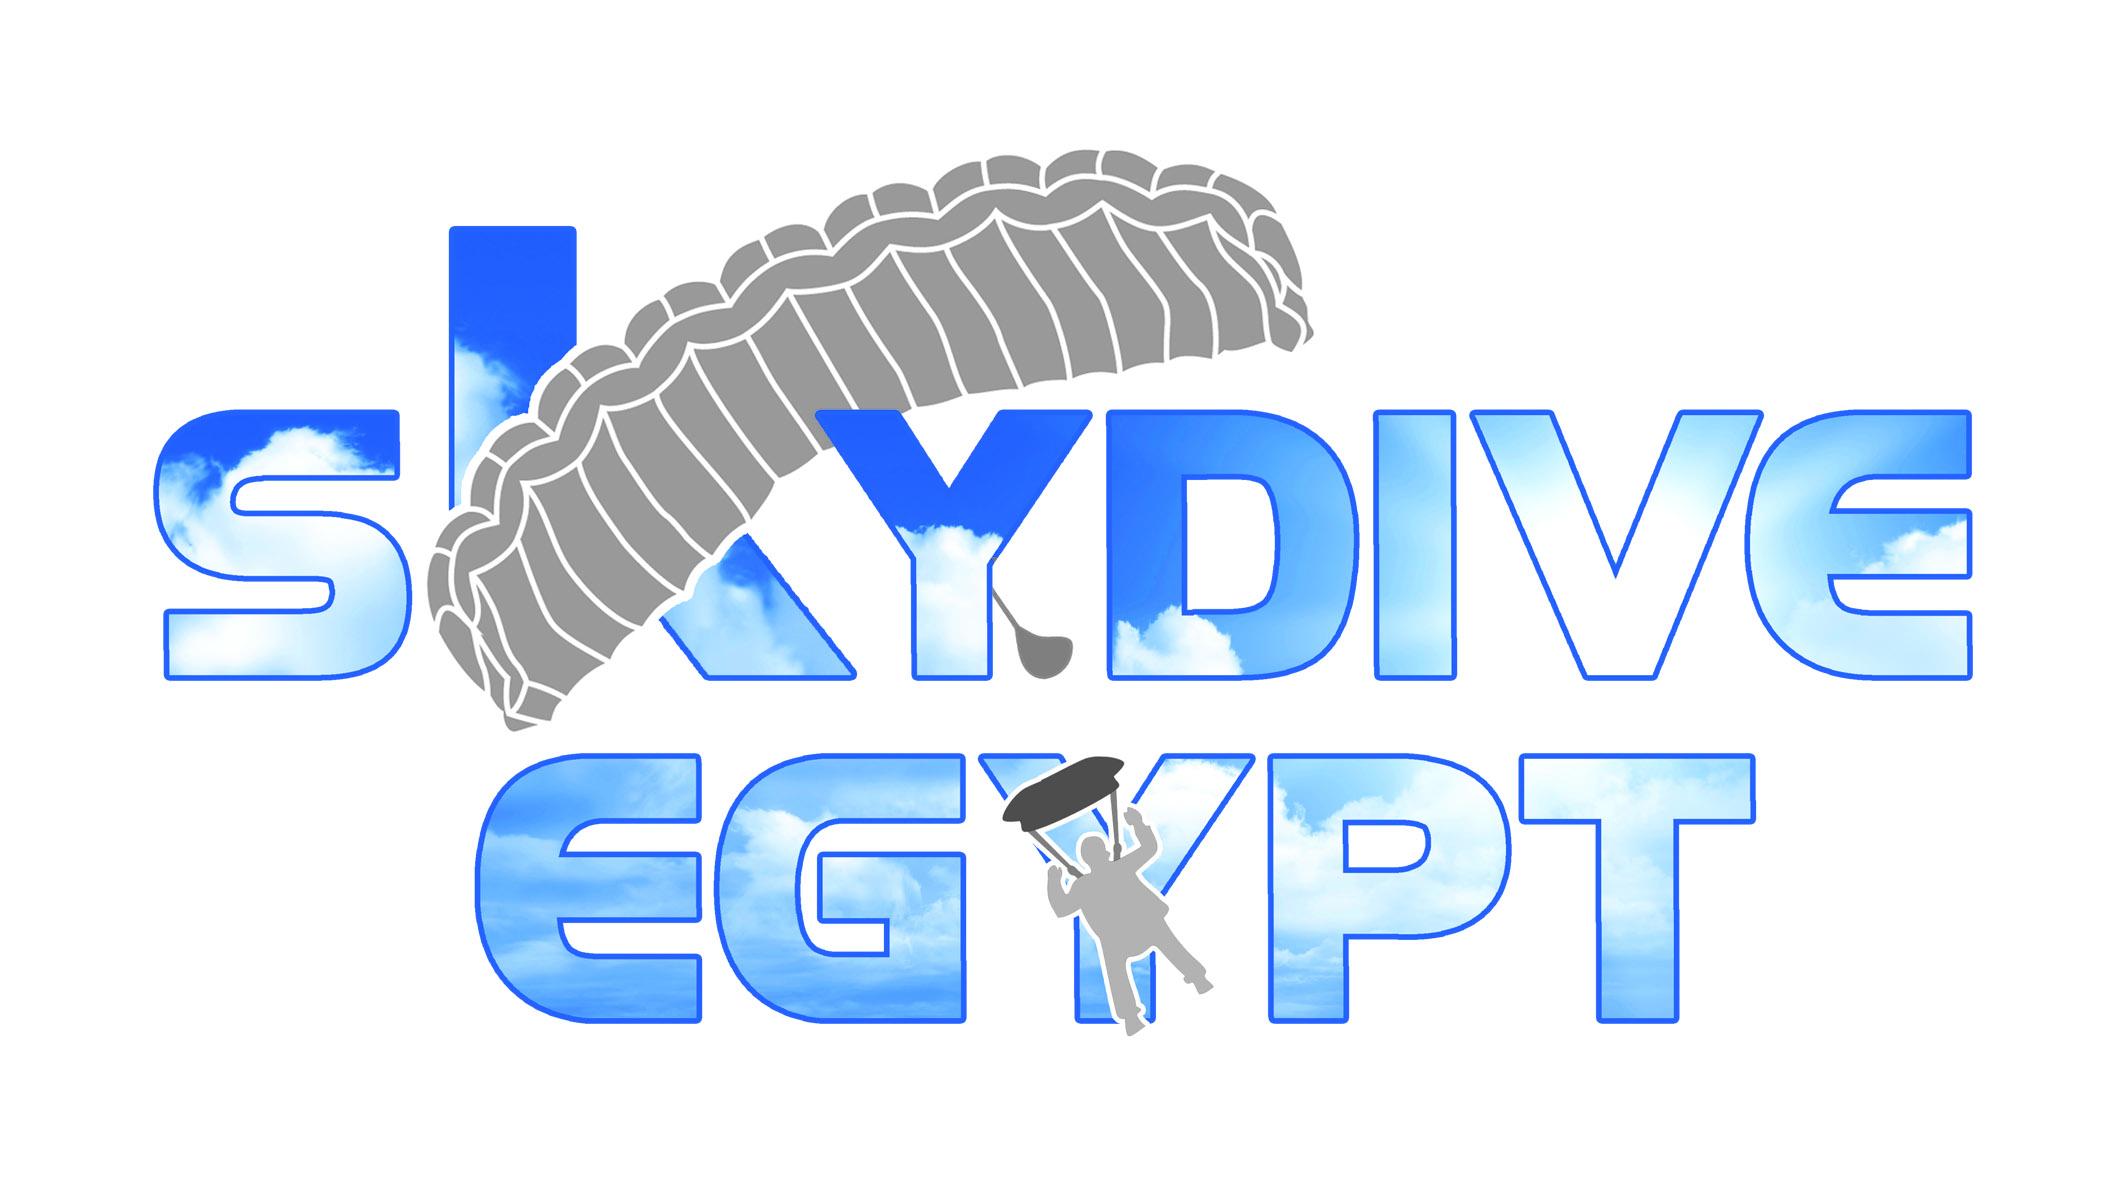 https://secureservercdn.net/198.71.233.44/516.356.myftpupload.com/wp-content/uploads/2019/12/Skydive-Egypt-Logo.jpg?time=1632172556